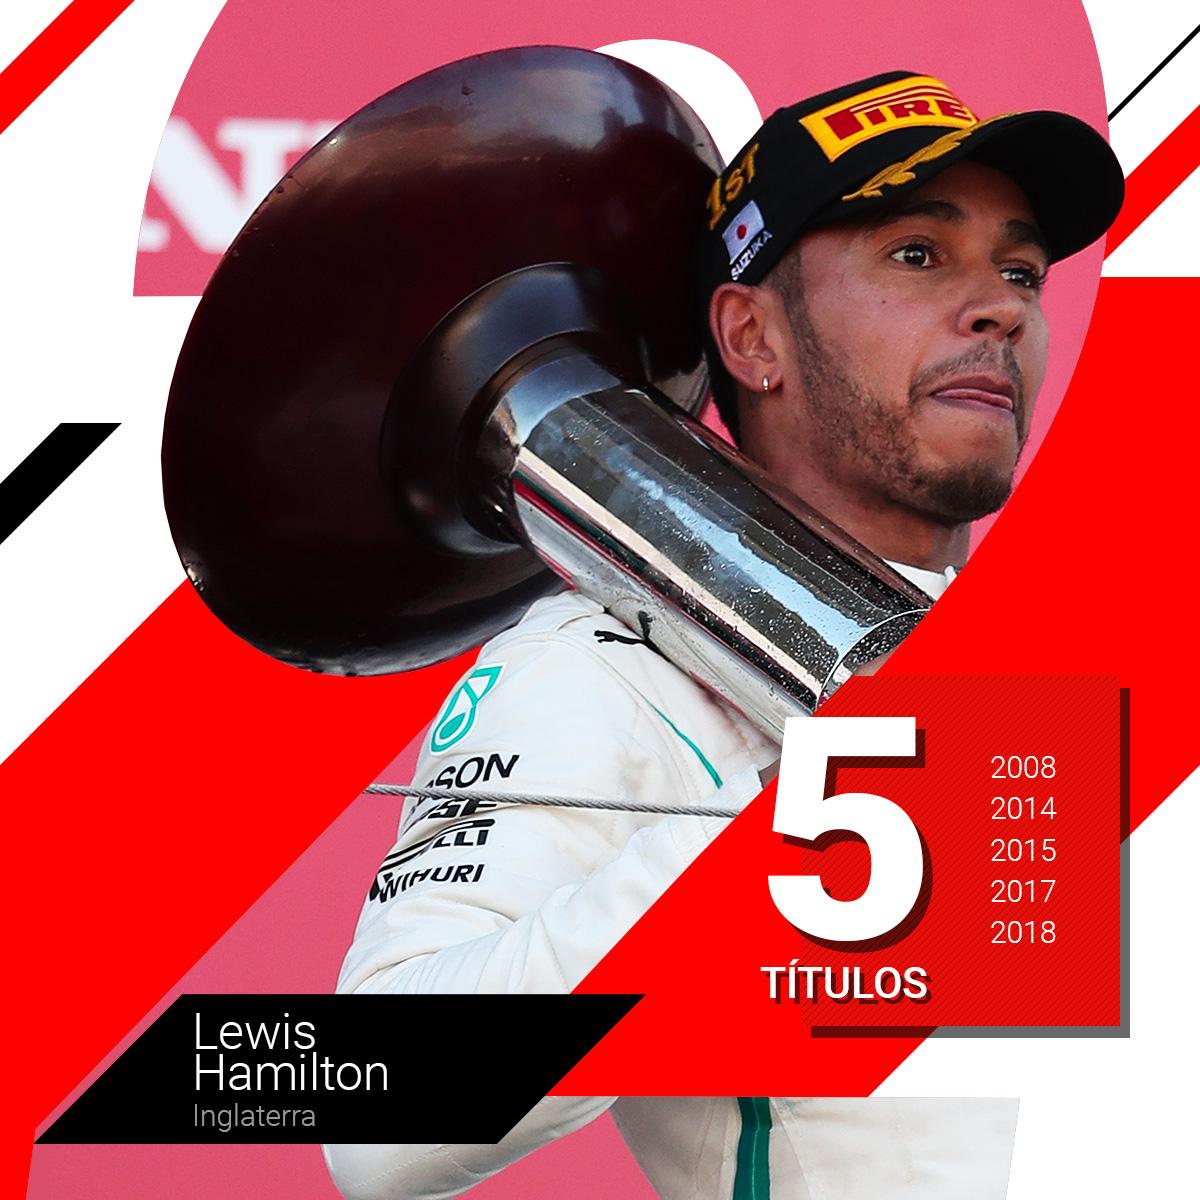 Lewis Hamilton, el vigente campeón de la Fórmula 1 por cuenta del poderío de Mercedes